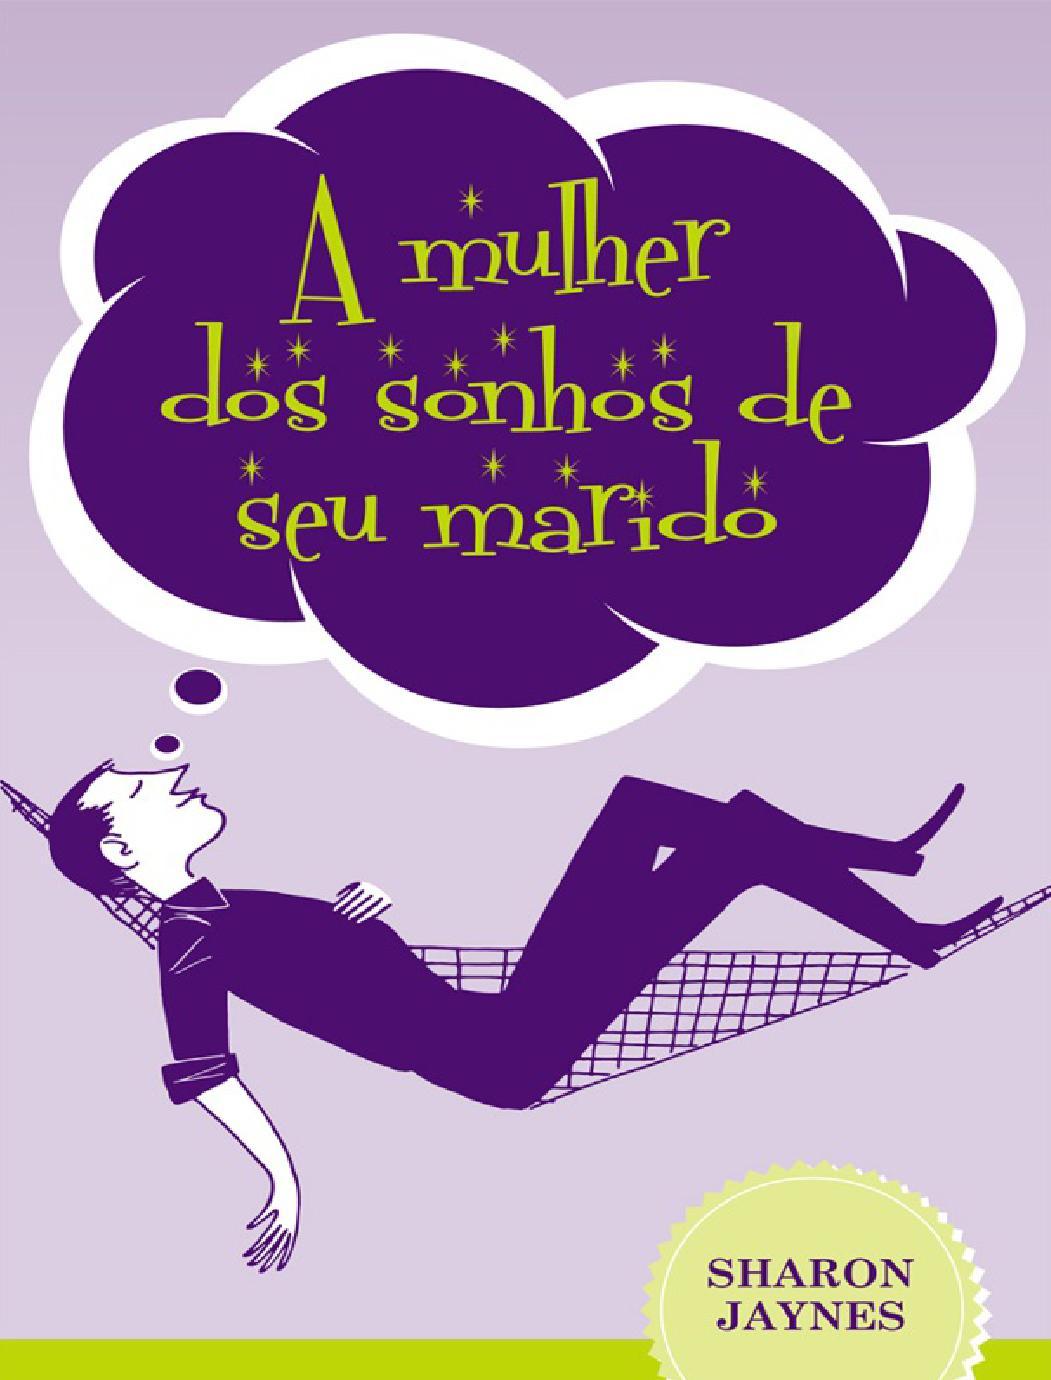 A mulher dos sonhos do seu mari sharon jaynes by Restauração de Casamentos  - issuu a553eb86ef